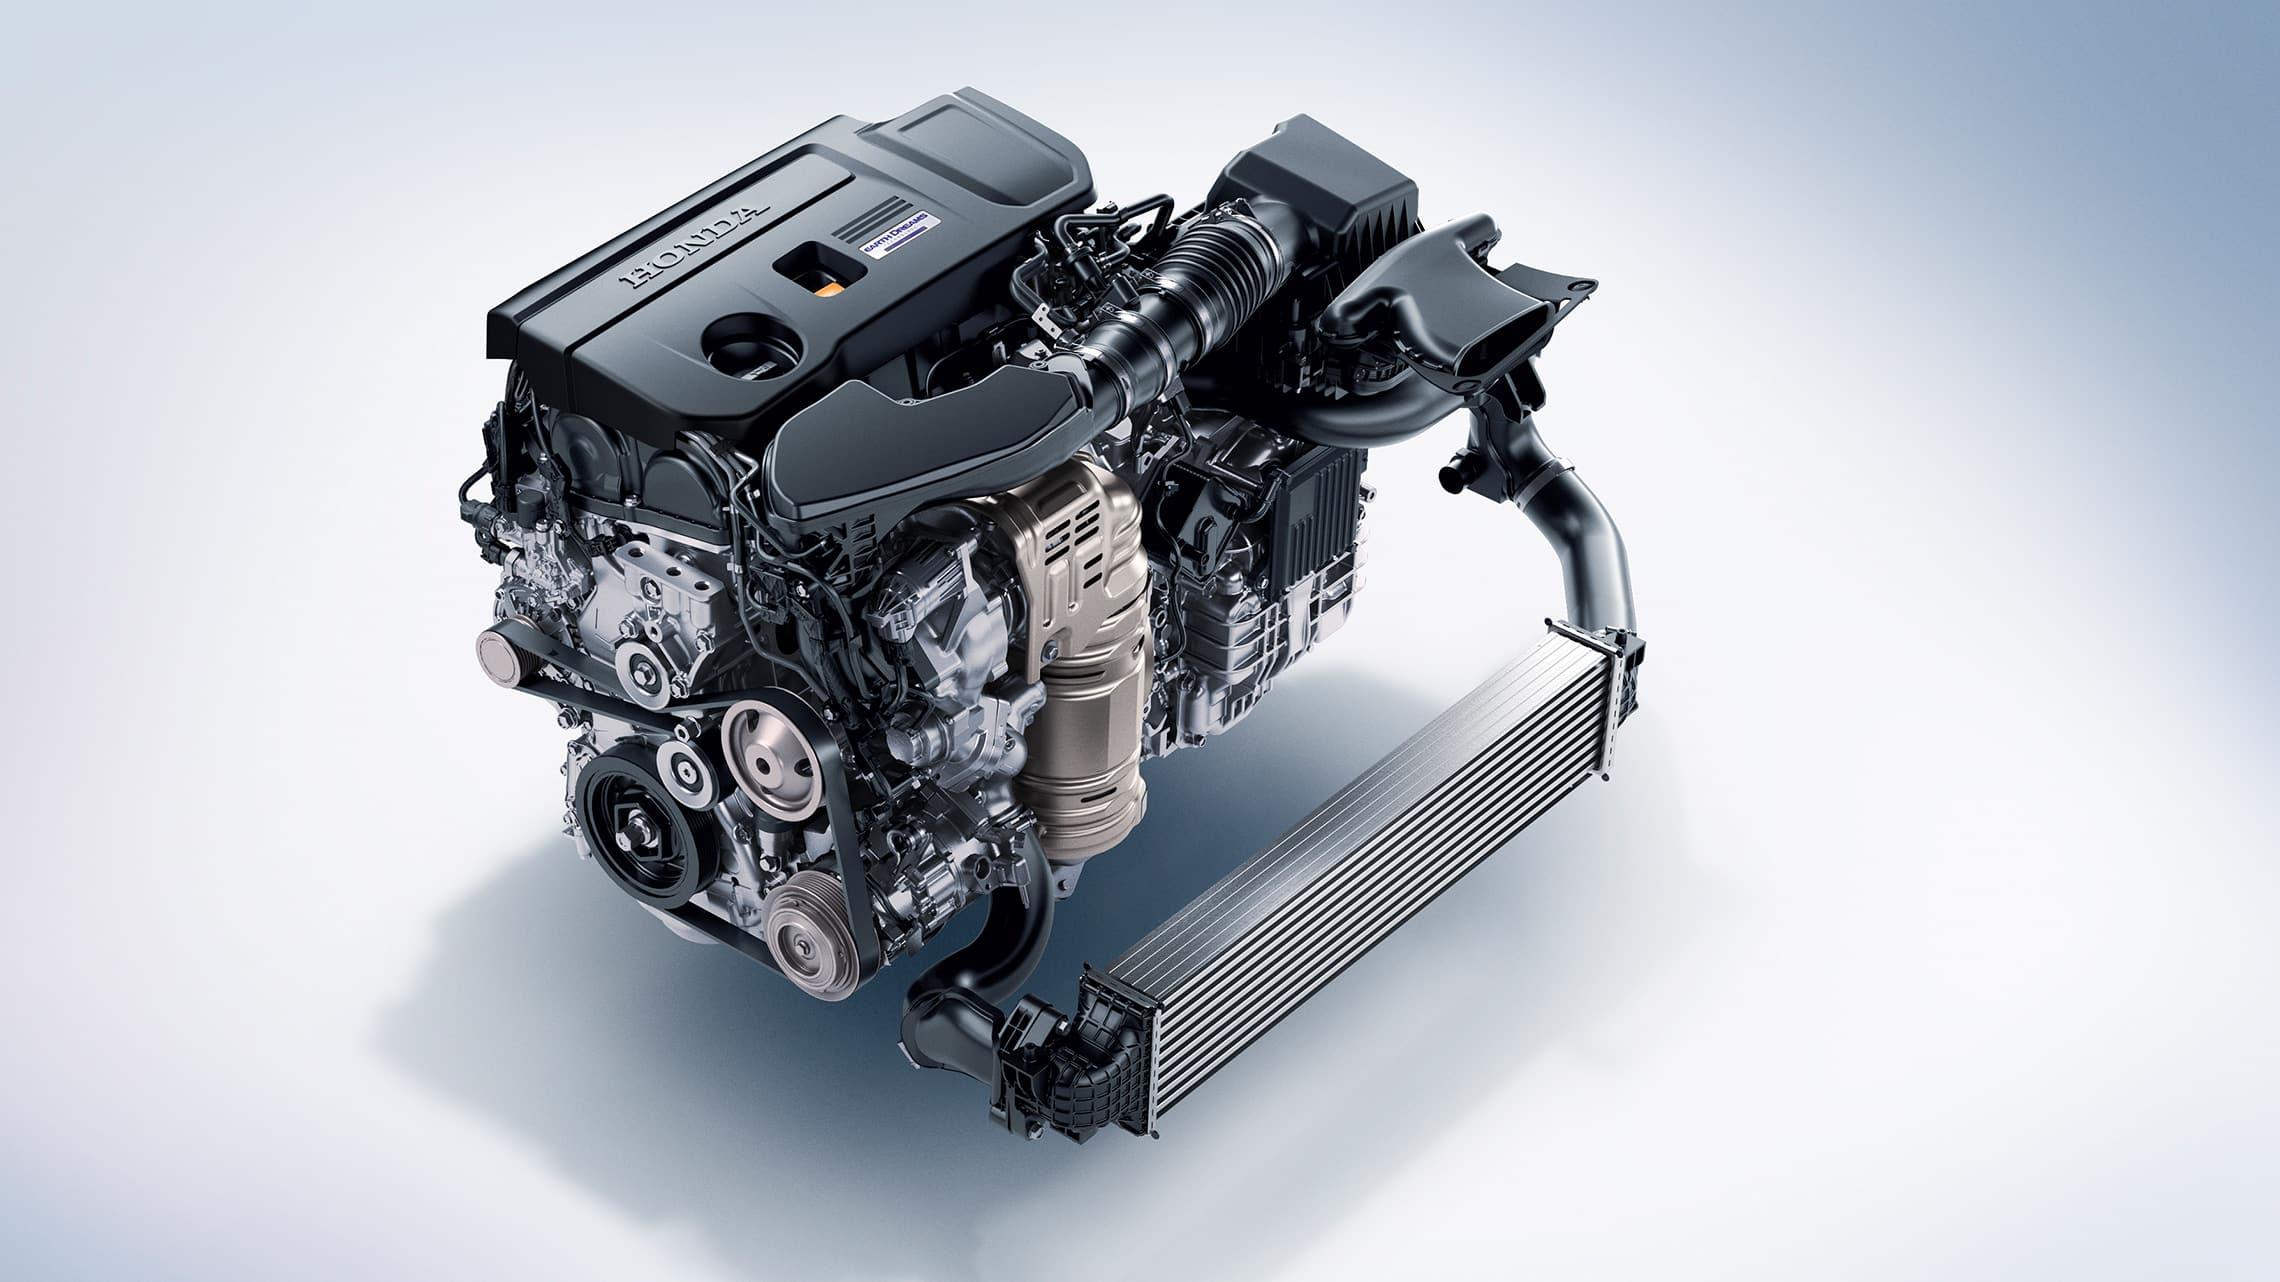 Detalle del motor turboalimentado de 2.0litros en el Honda Accord2020.